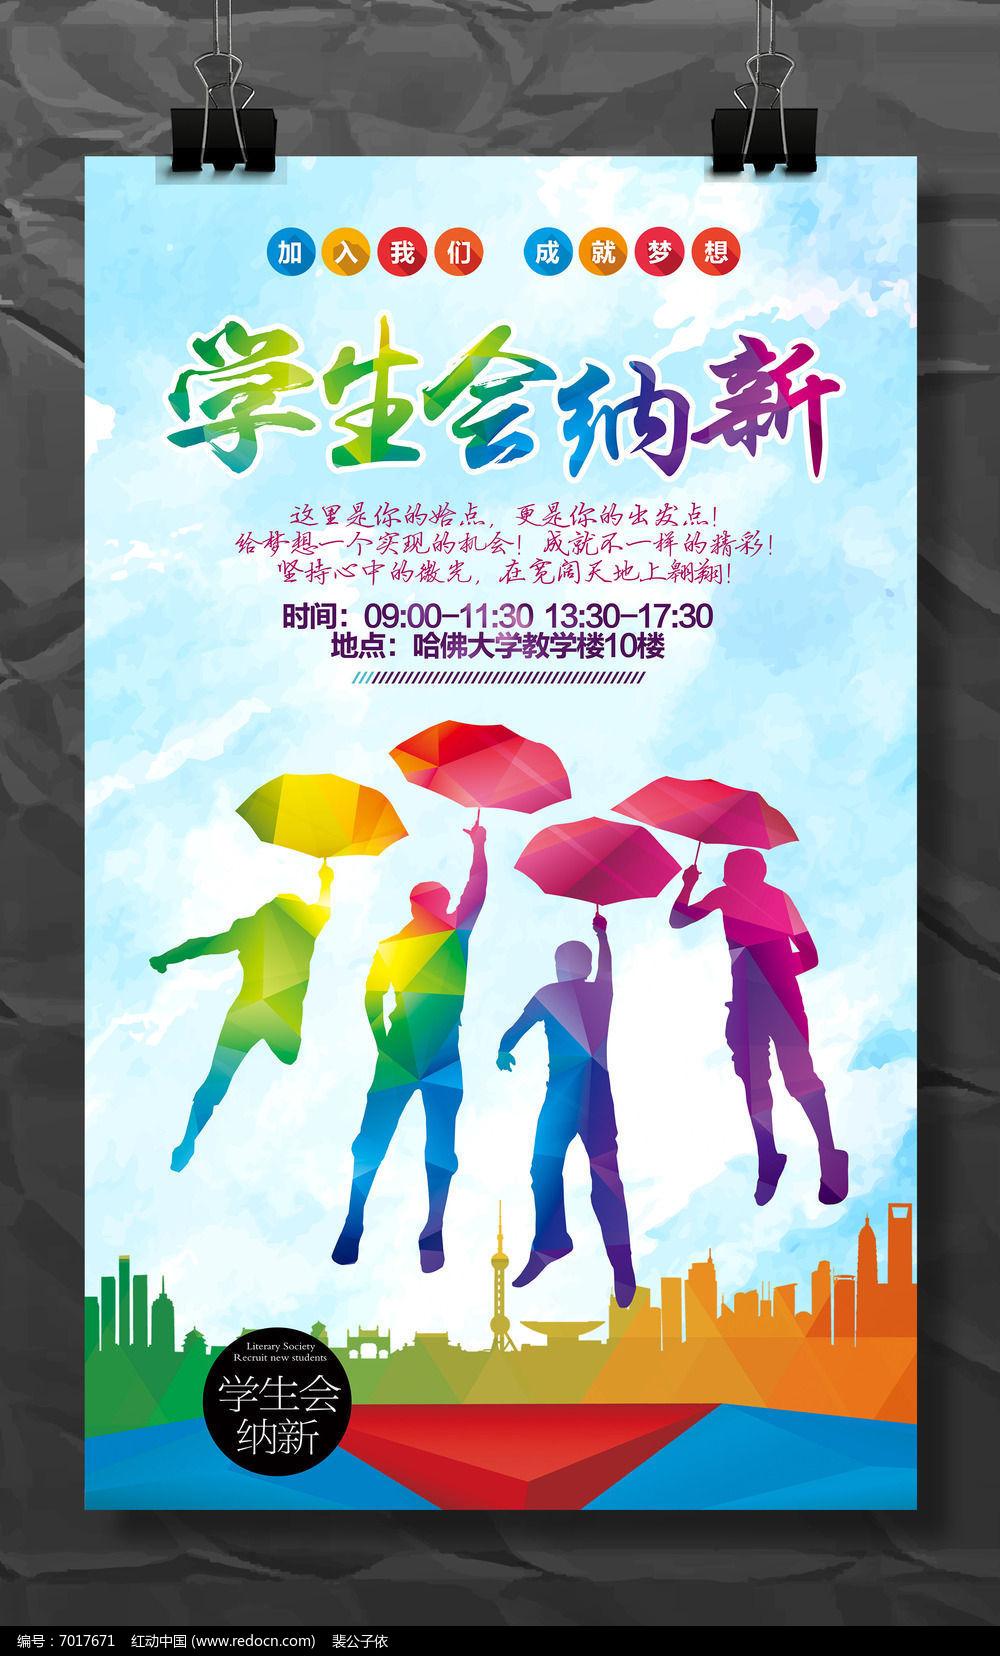 校园学生会纳新宣传海报设计生产欣赏